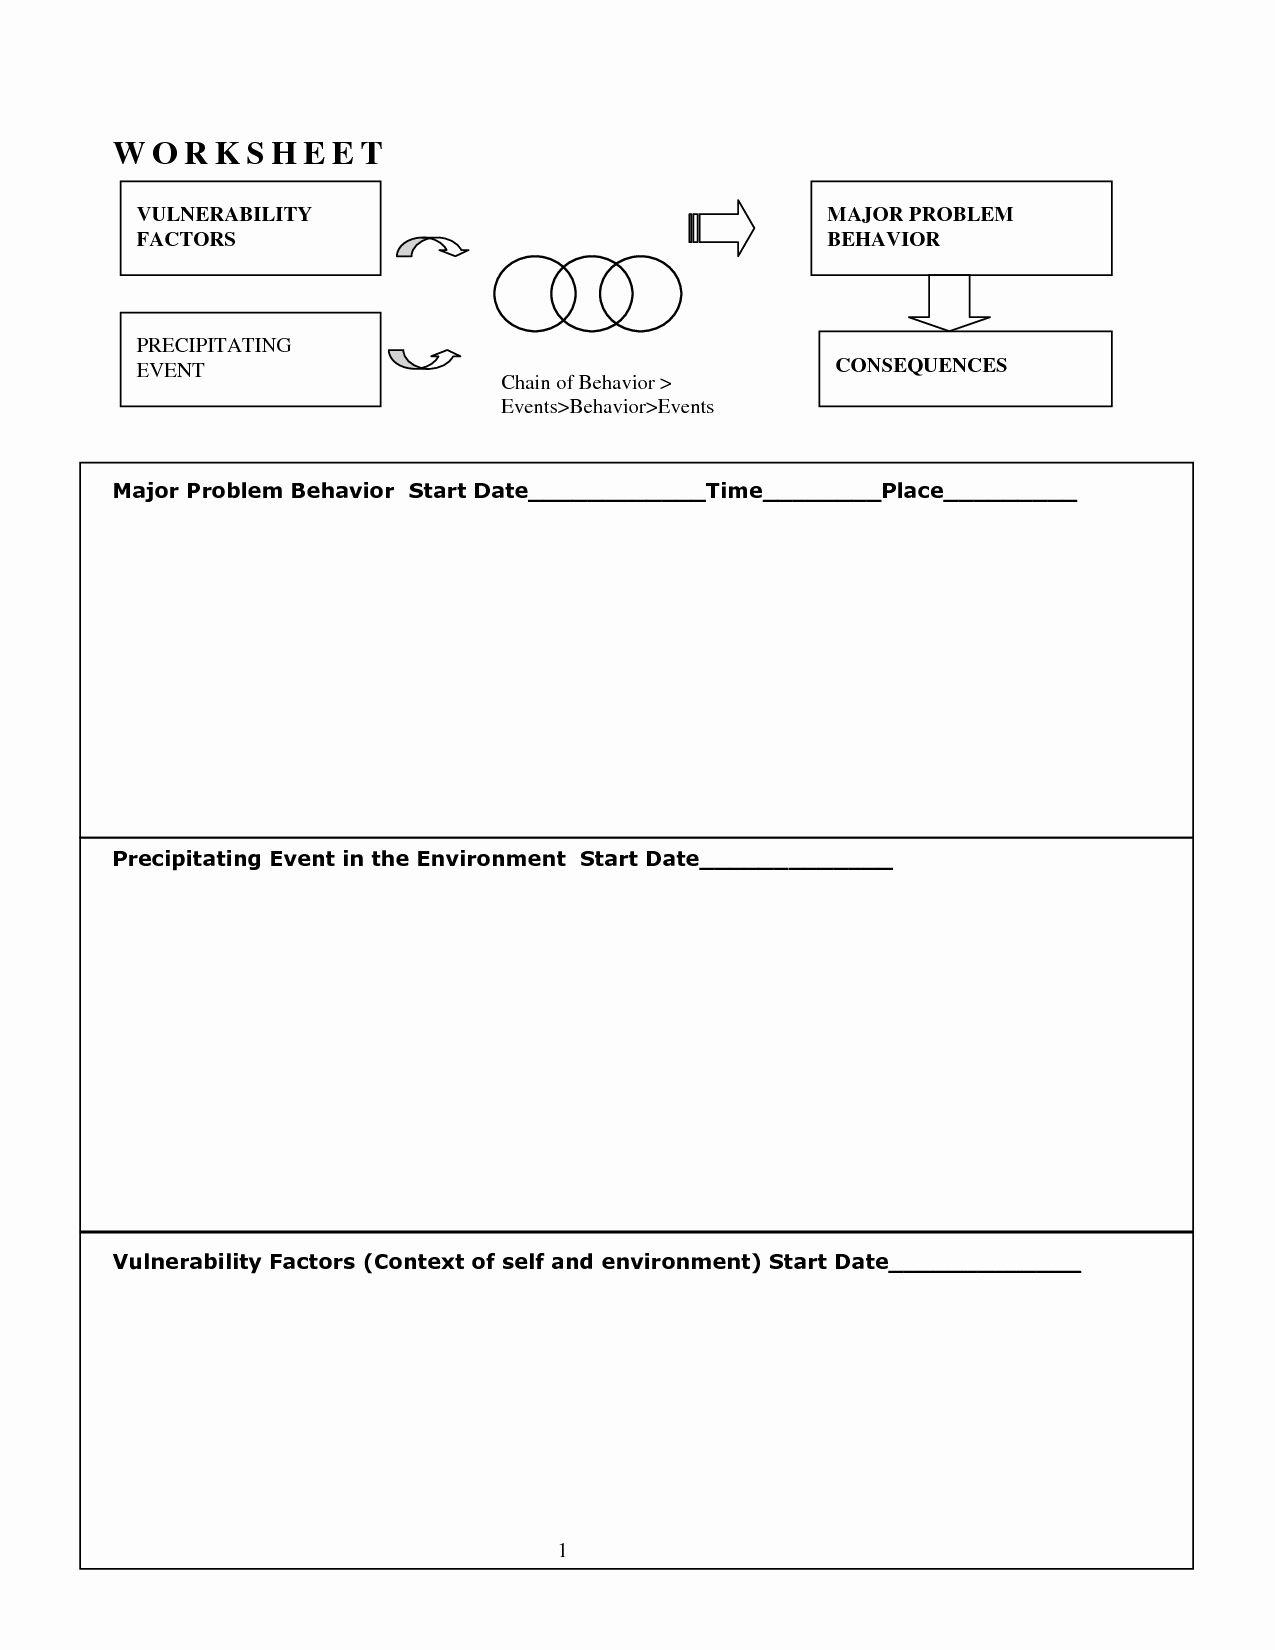 Worksheets Relapse Prevention Plan Worksheet free templates 2018 relapse prevention plan worksheet template template